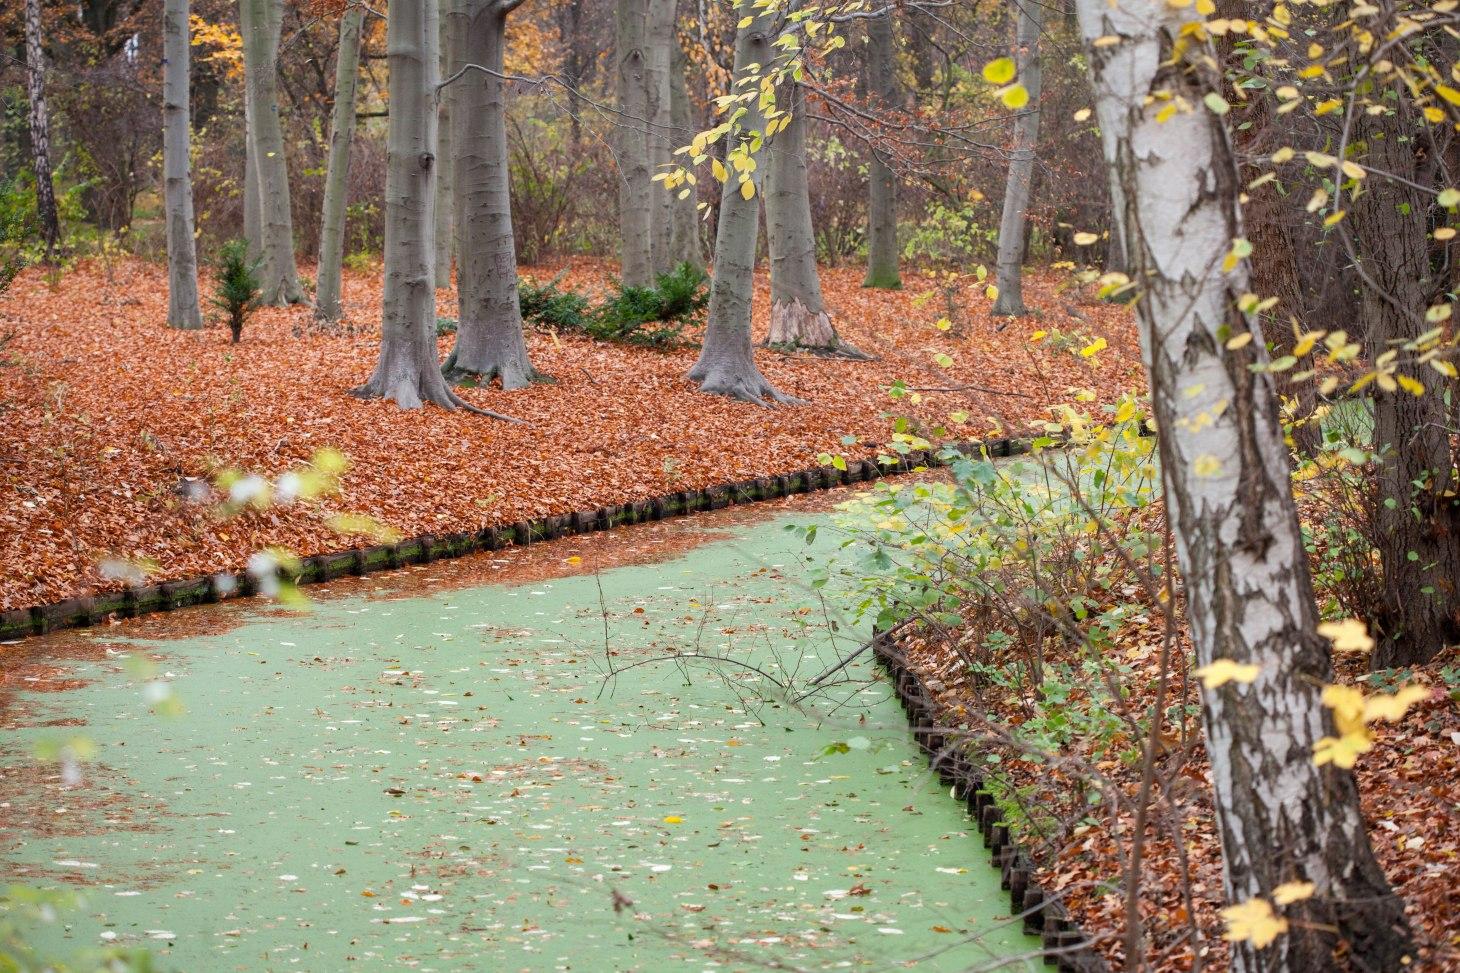 Der kleine Fluss nennt sich Tiergartengewässer und ist ein kleiner Seitenarm der Spree.